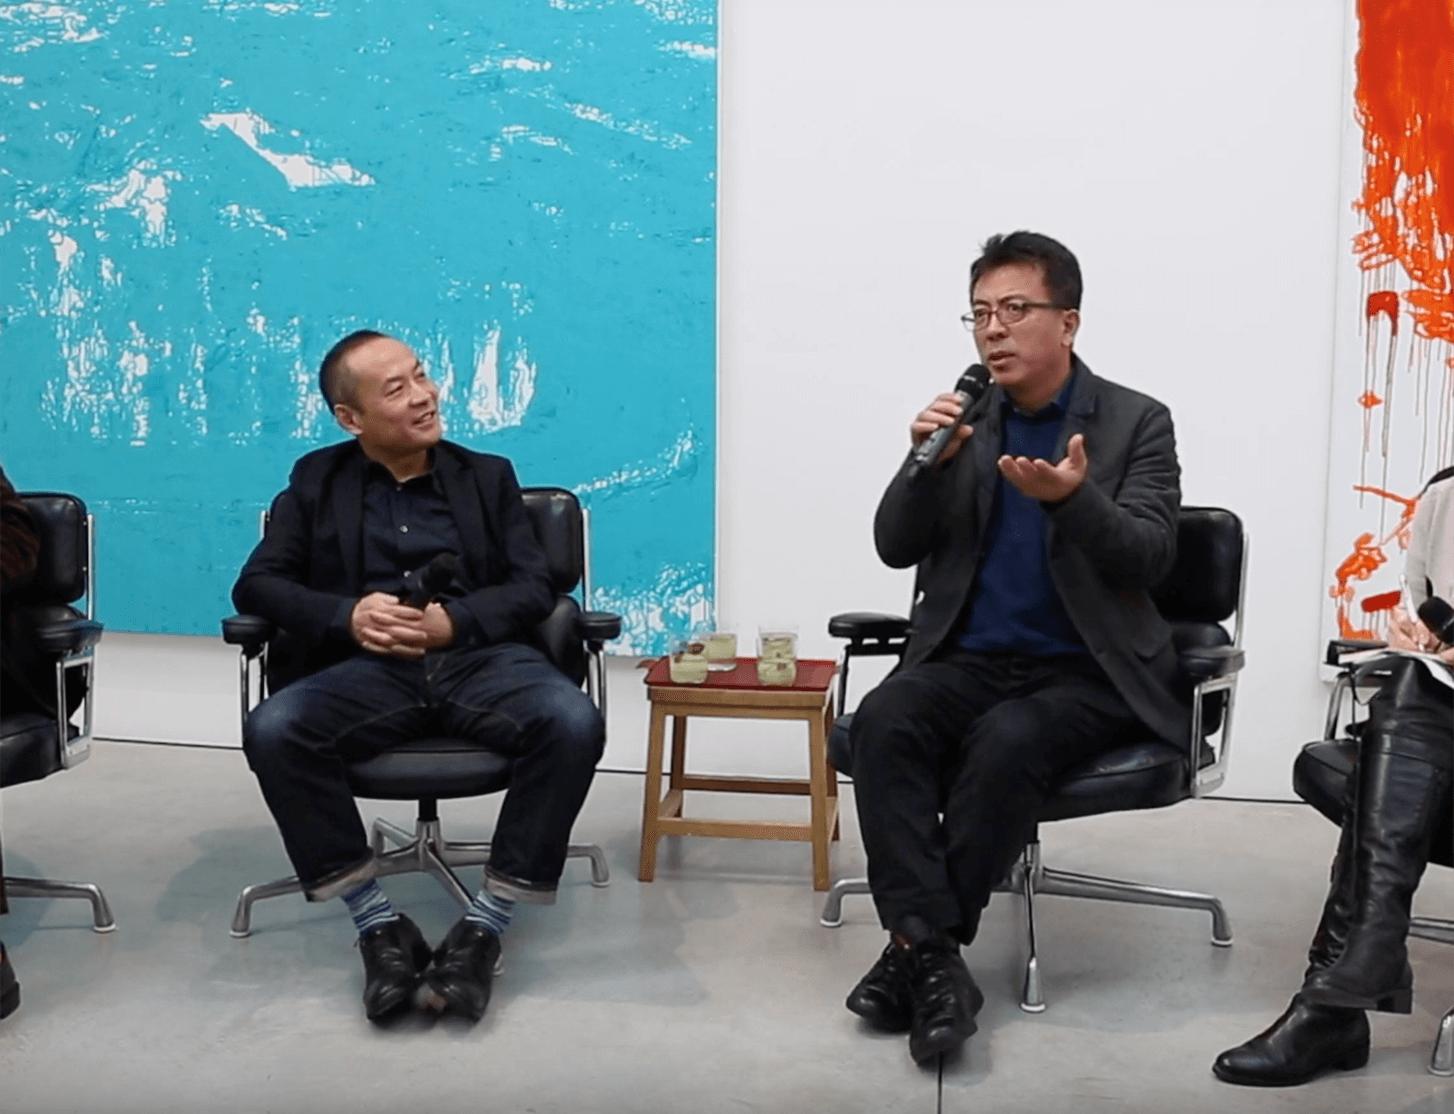 Watch now: Liu Xiaodong in conversation with curator Zhang Ga